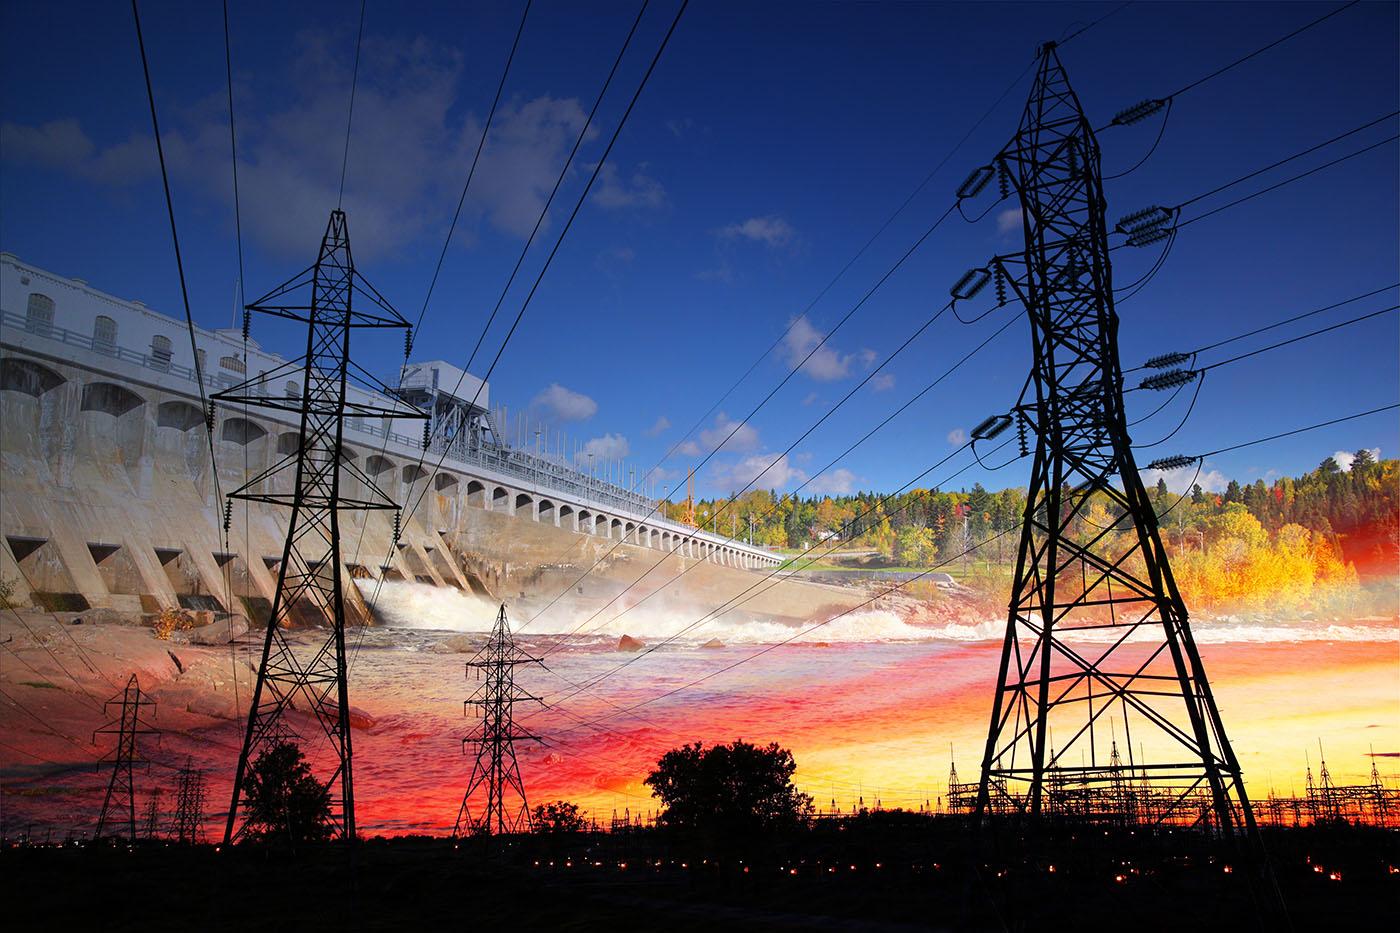 Barrage Electrique 02 - photo stock